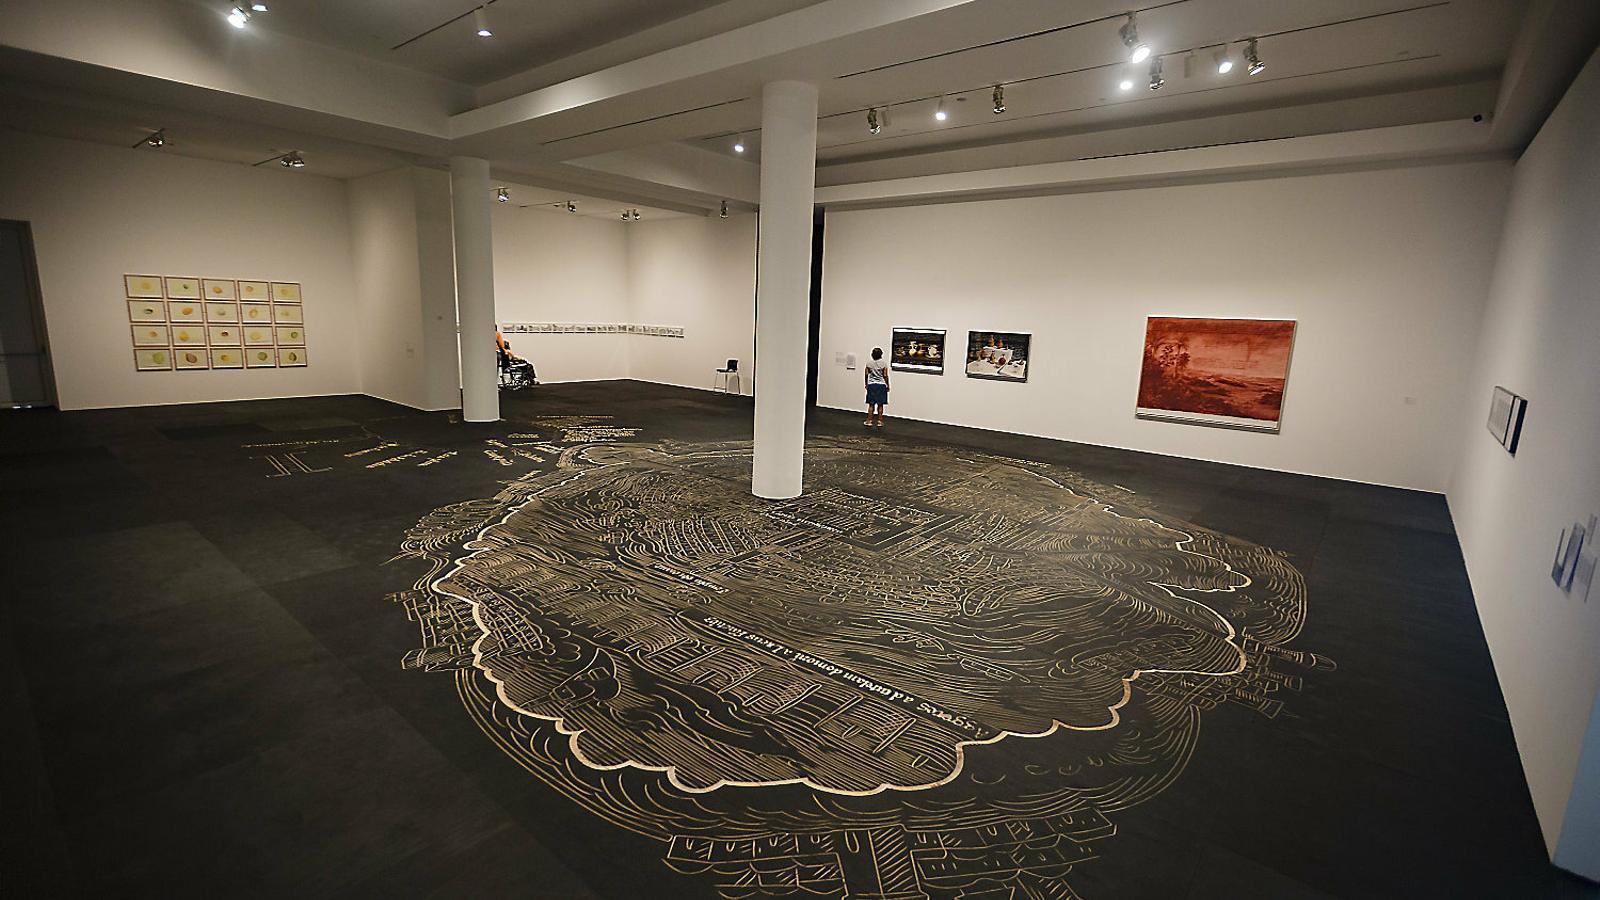 Les lluites polítiques i artístiques per descolonitzar els museus